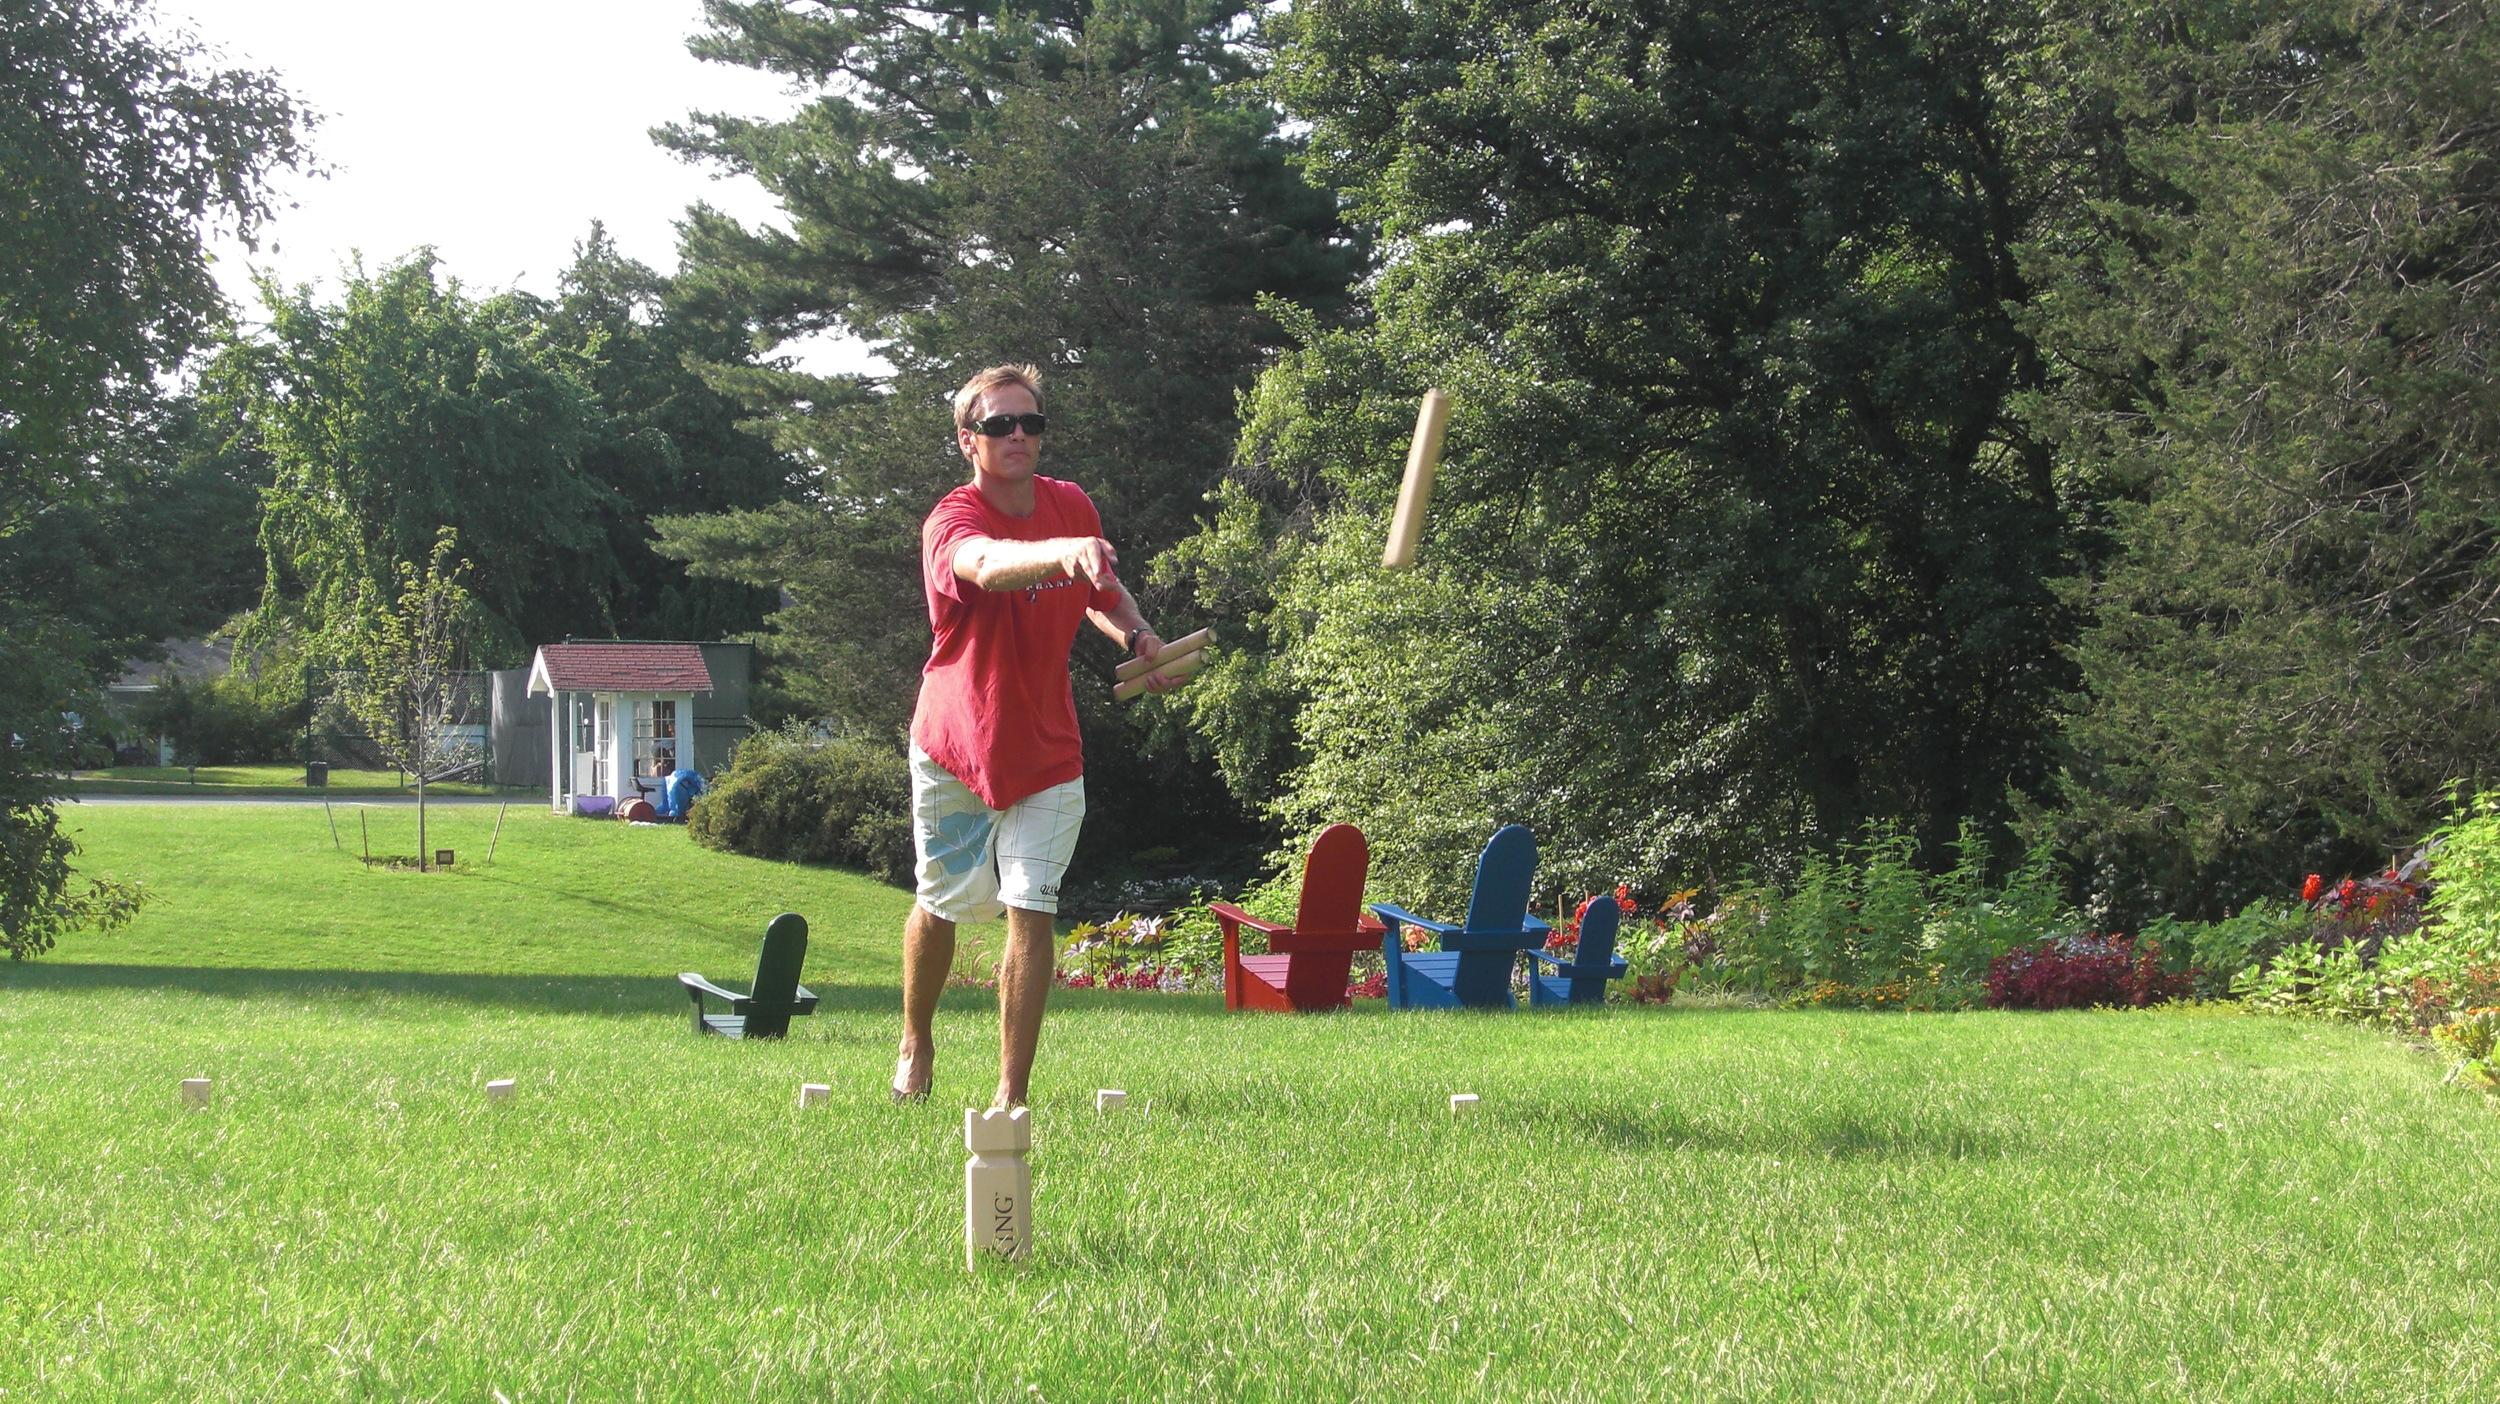 V:King in play at Basin Harbor Club